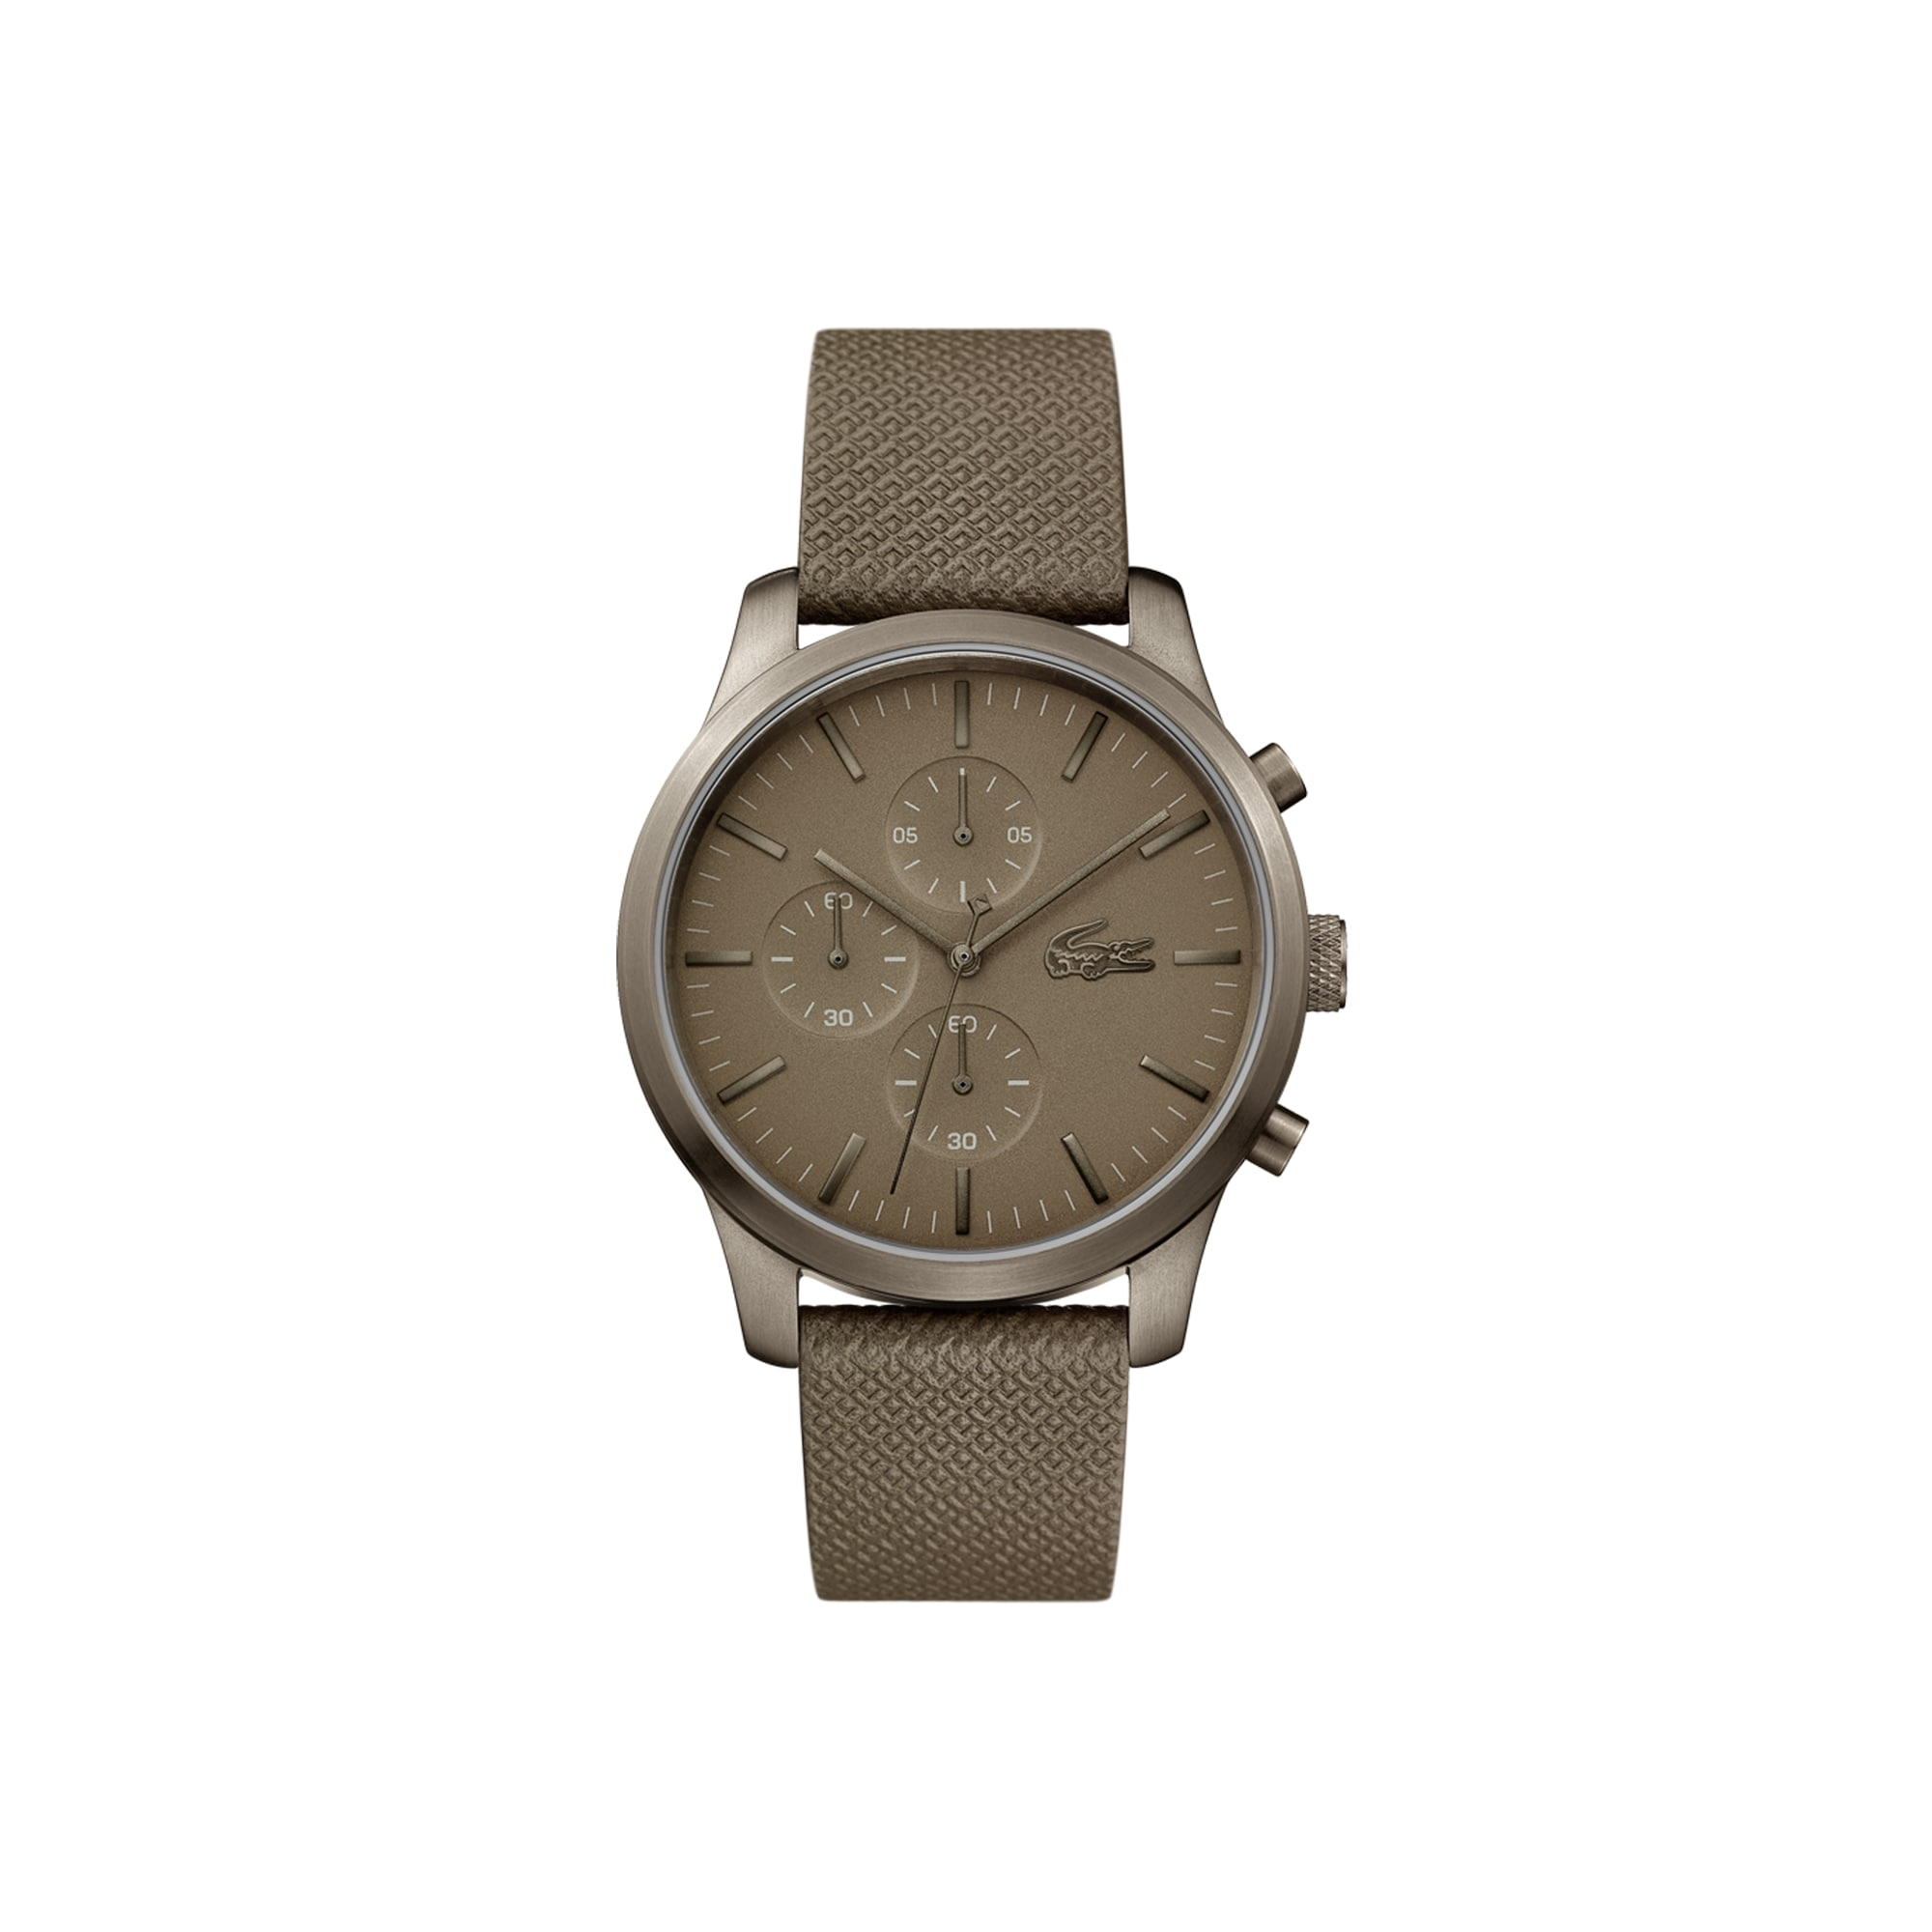 Orologio cronografo Lacoste 12.12 da uomo 85° anniversario con cinturino in pelle cachi e goffratura petit piqué